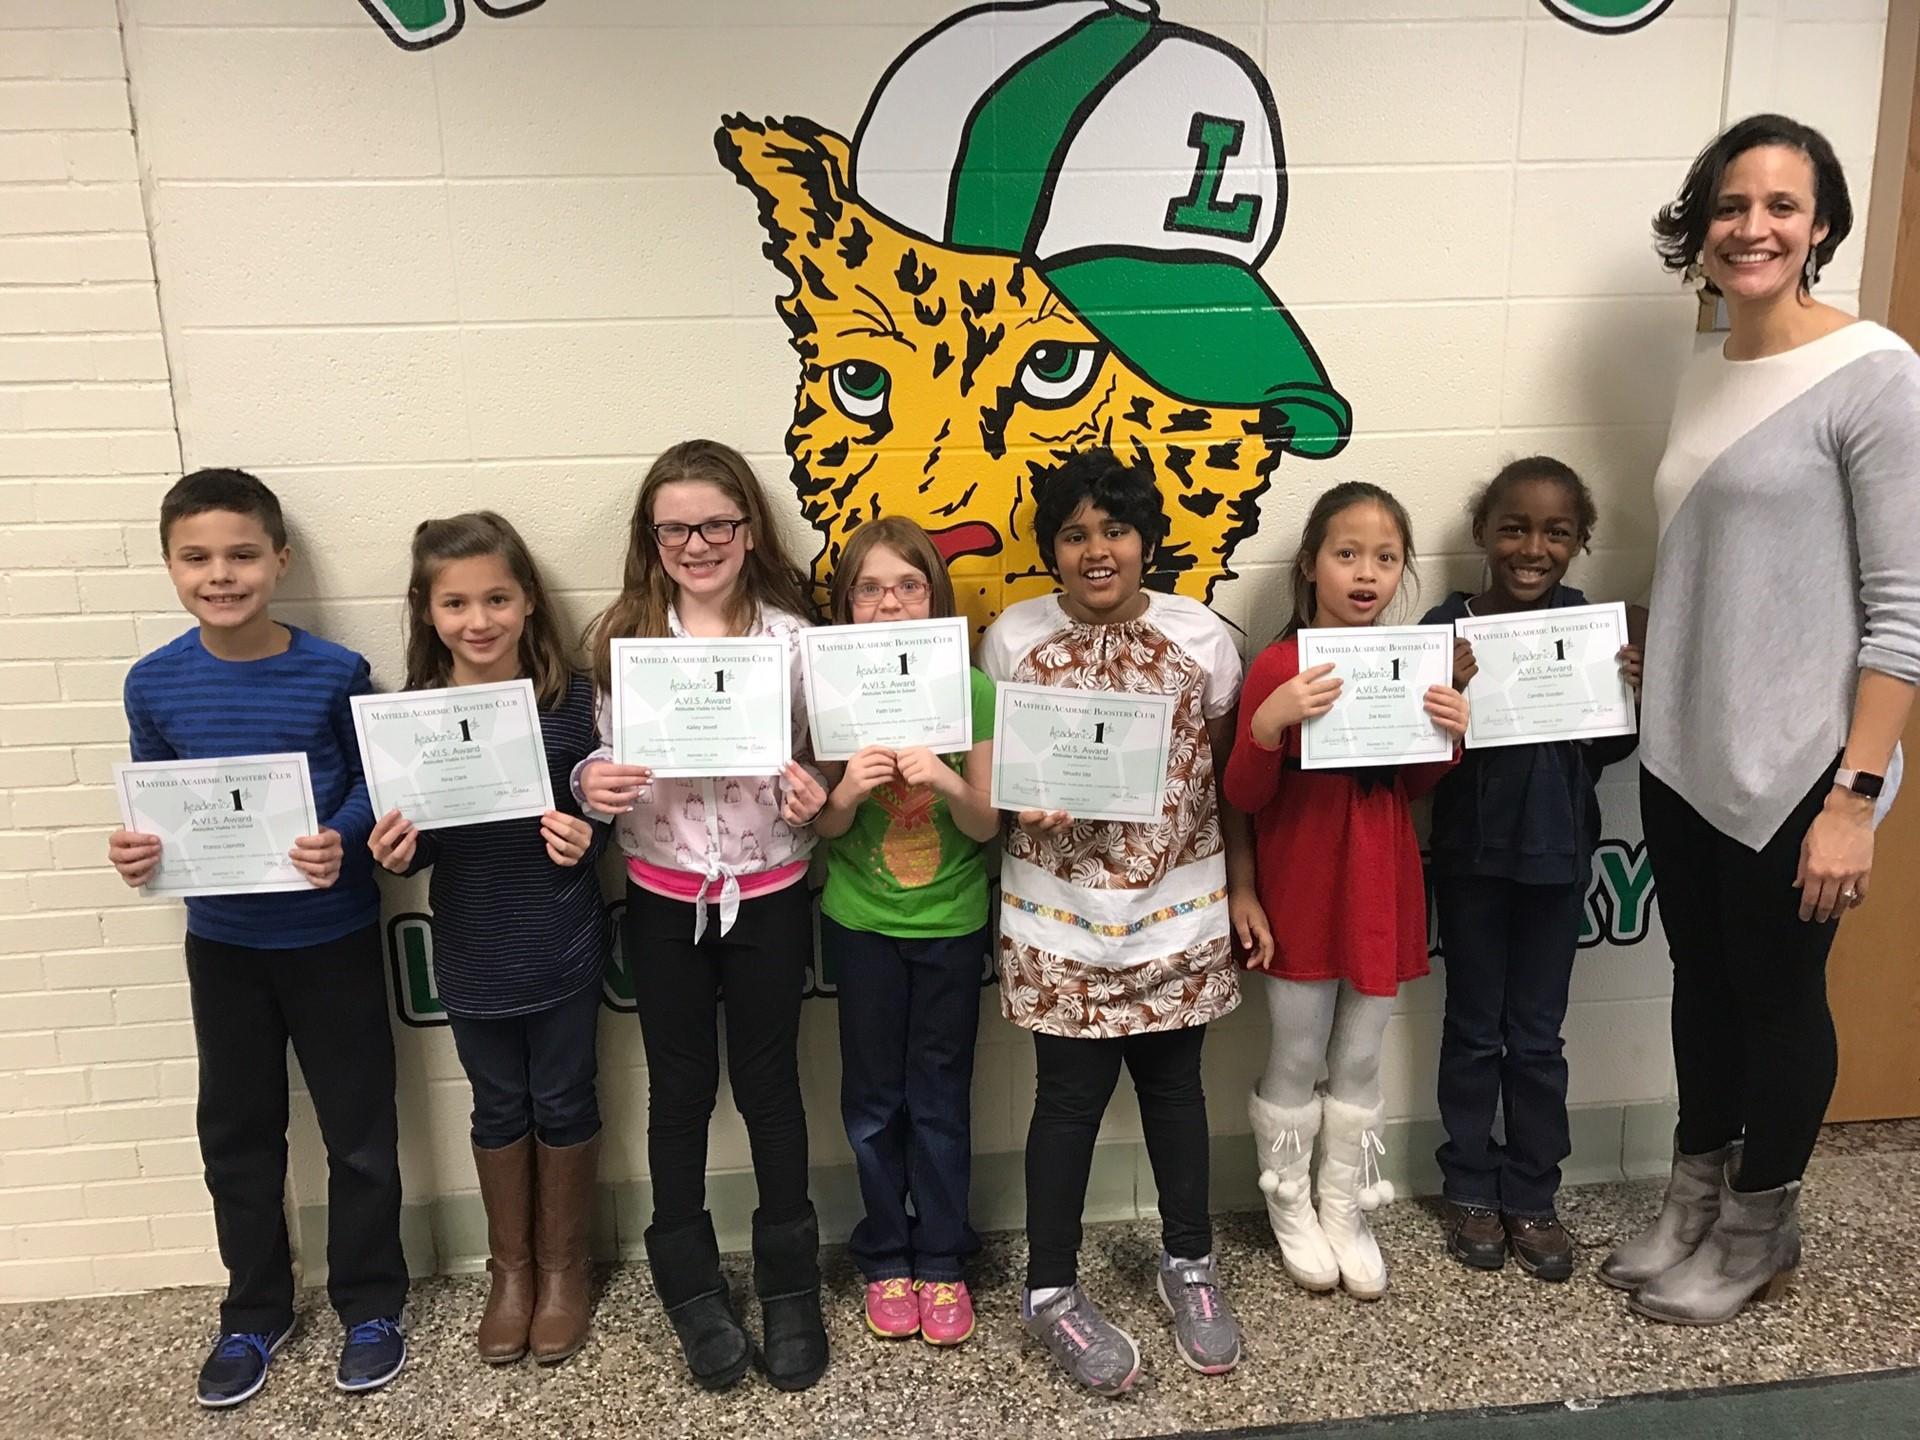 AVIS Winners - Grades 2 & 3